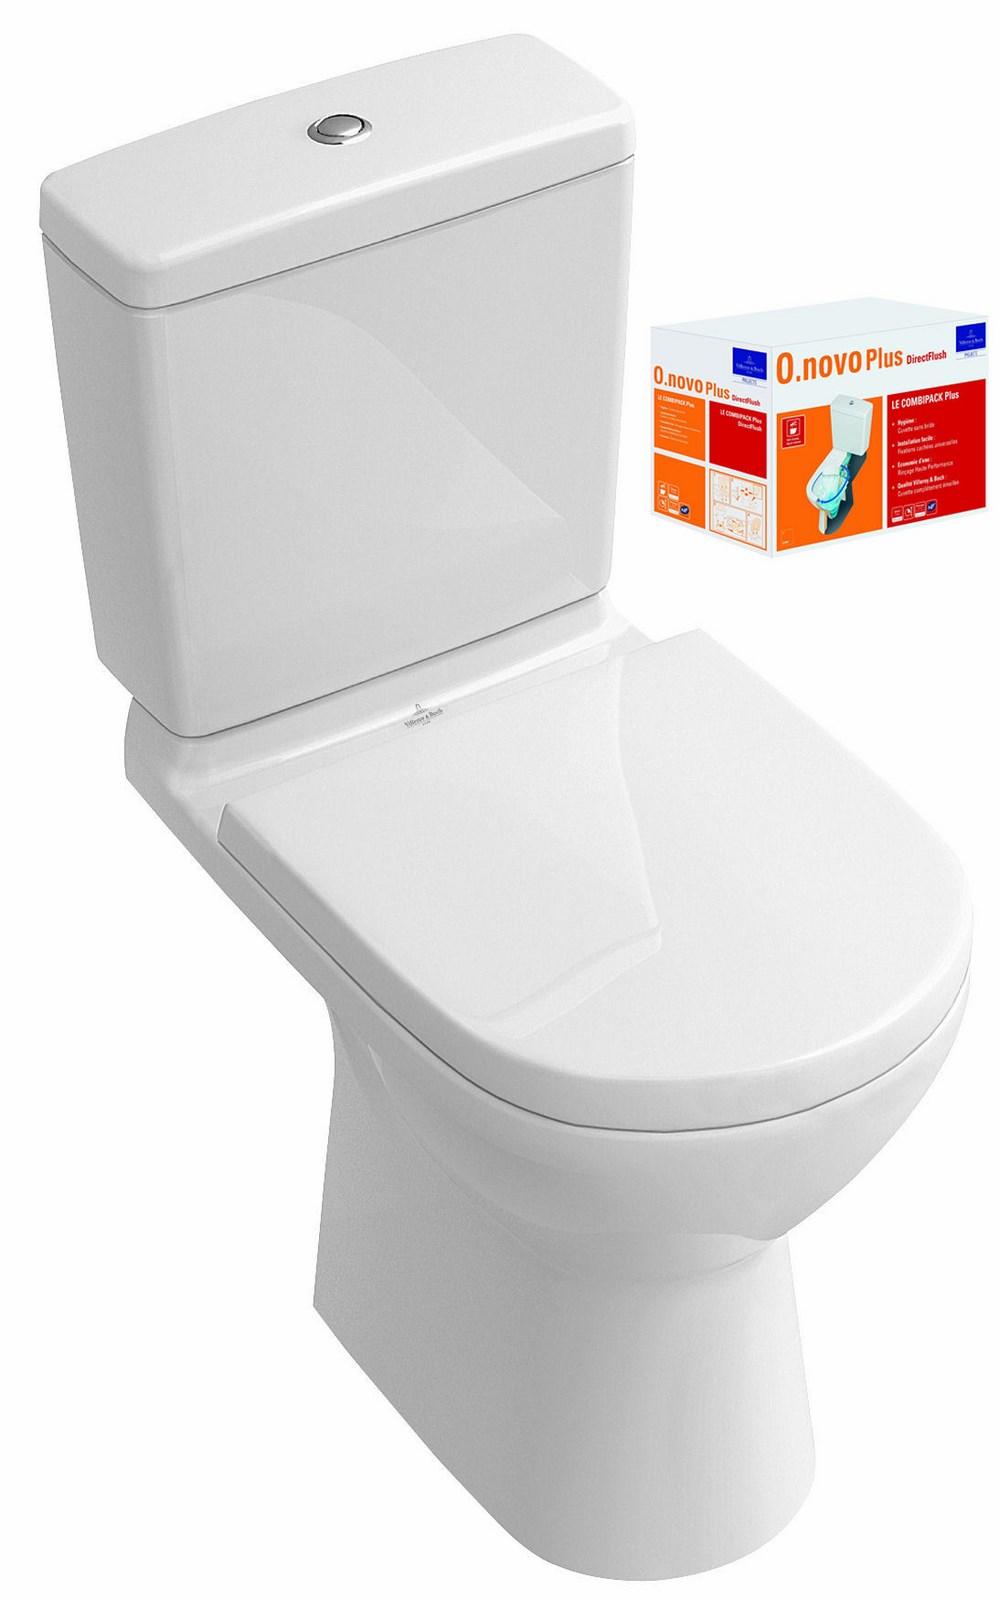 Combi pack o novo direct flush villeroy et boch - Pack wc villeroy et boch ...